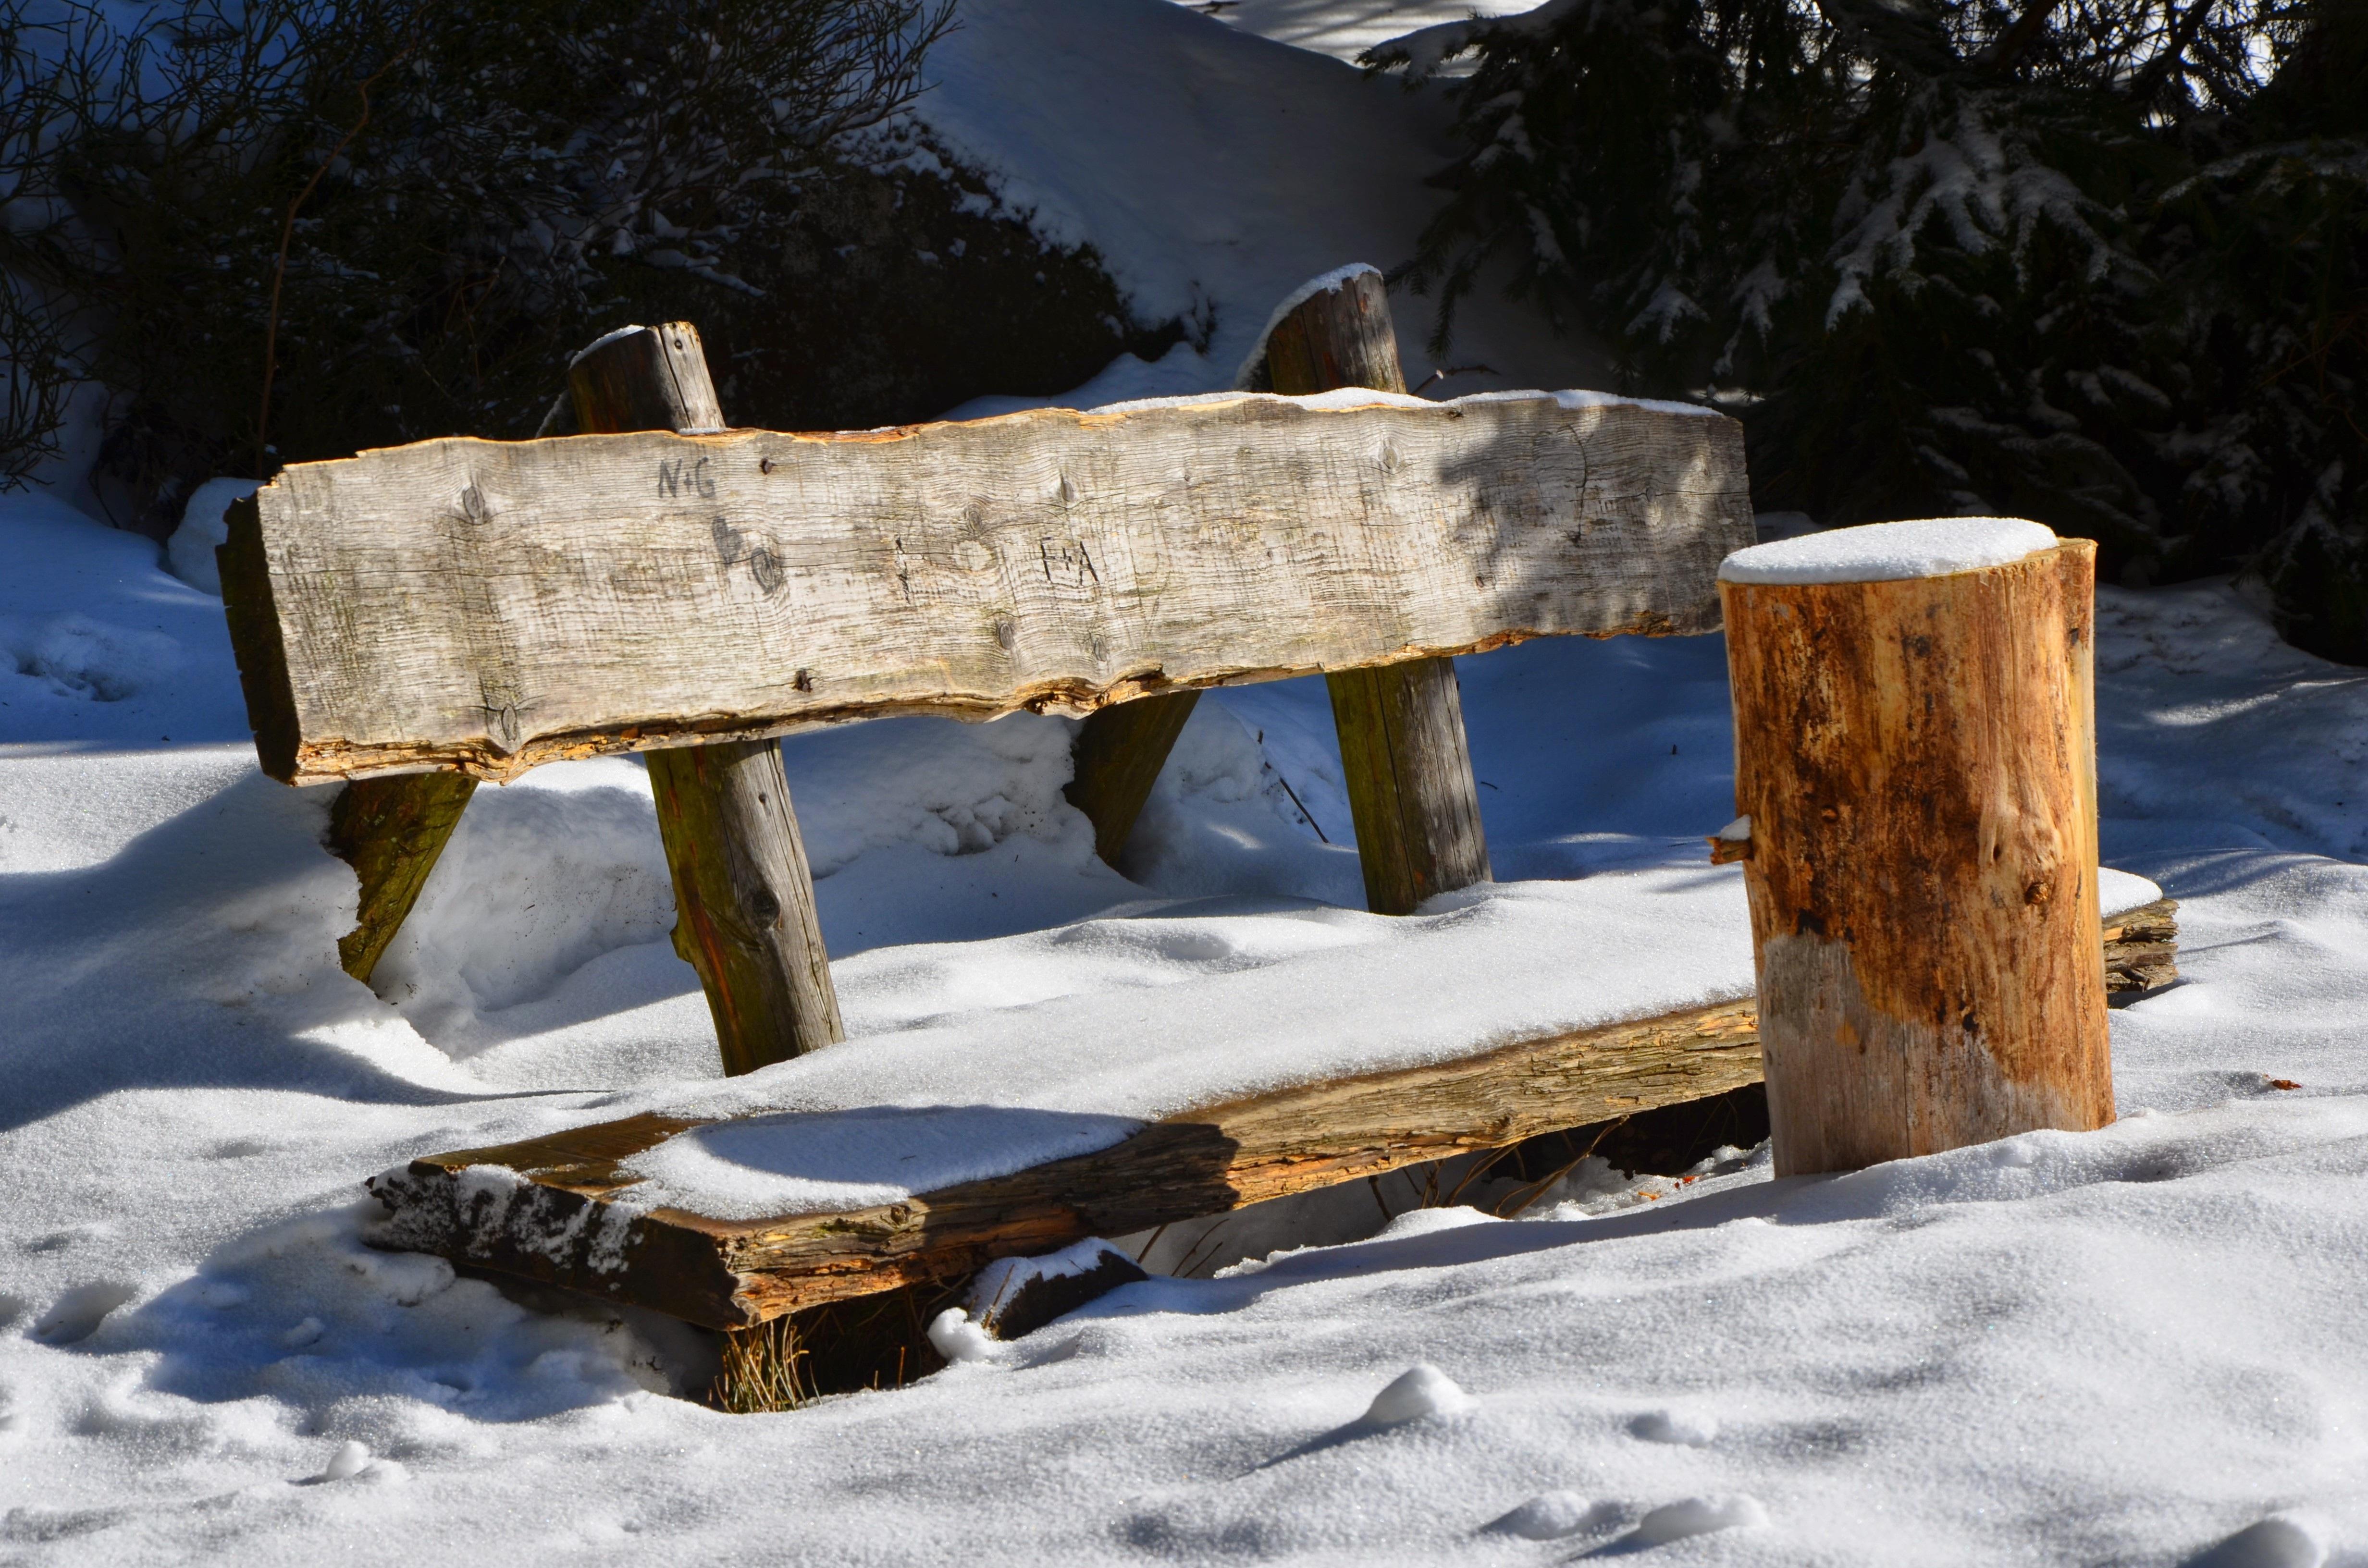 ideas bench storage international resin aluminum outdoor caravan of wicker barcelona